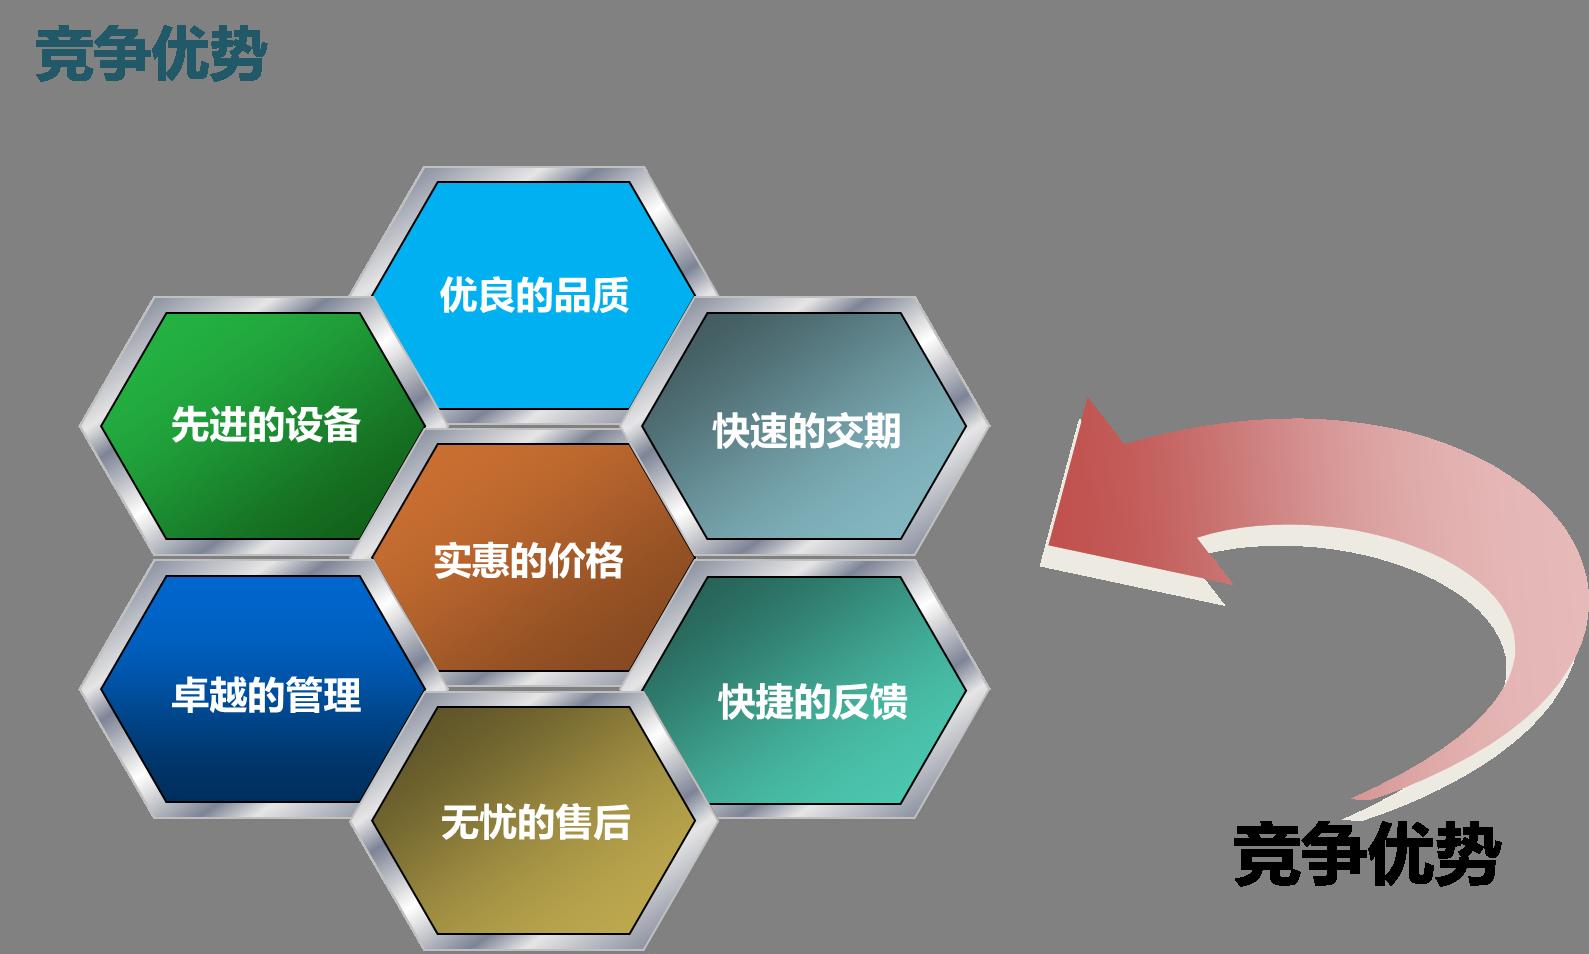 上海巨传电子竞争优势